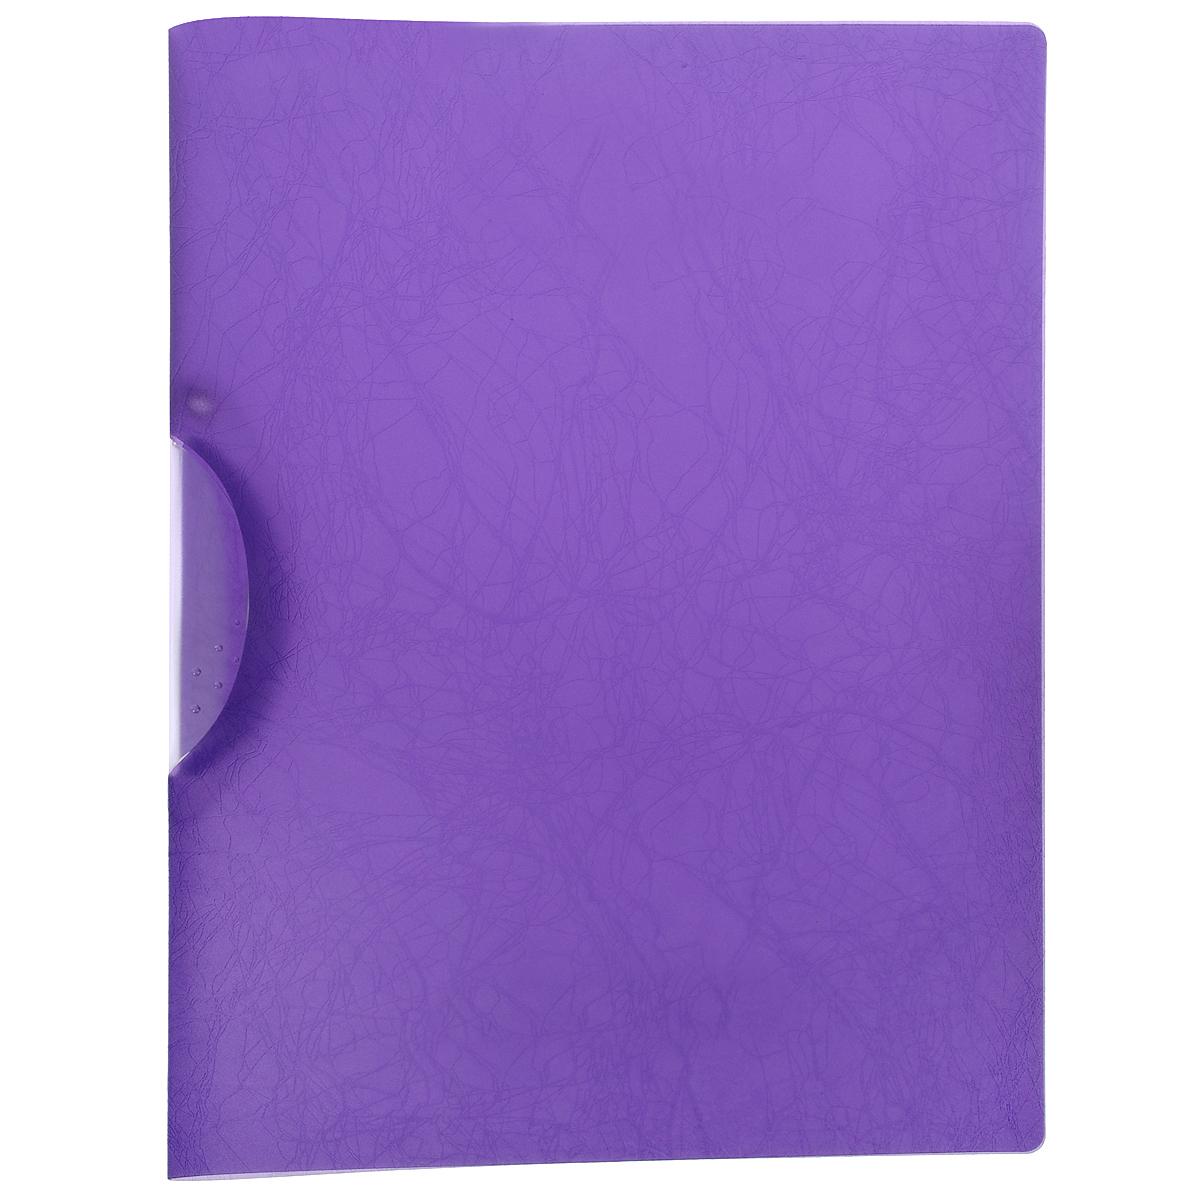 Папка с клипом Centrum Soft Touch, цвет: фиолетовый. Формат А484018ФПапка с клипом Centrum Soft Touch станет вашим верным помощником дома и в офисе. Это удобный и функциональный инструмент, предназначенный для хранения и транспортировки рабочих бумаг и документов формата А4.Папка изготовлена из прочного высококачественного пластика, оснащена боковым клипом, позволяющим фиксировать неперфорированные листы. Уголки имеют закругленную форму, что предотвращает их загибание и помогает надолго сохранить опрятный вид обложки. Папка оформлена тиснением под кожу.Папка - это незаменимый атрибут для любого студента, школьника или офисного работника. Такая папка надежно сохранит ваши бумаги и сбережет их от повреждений, пыли и влаги.